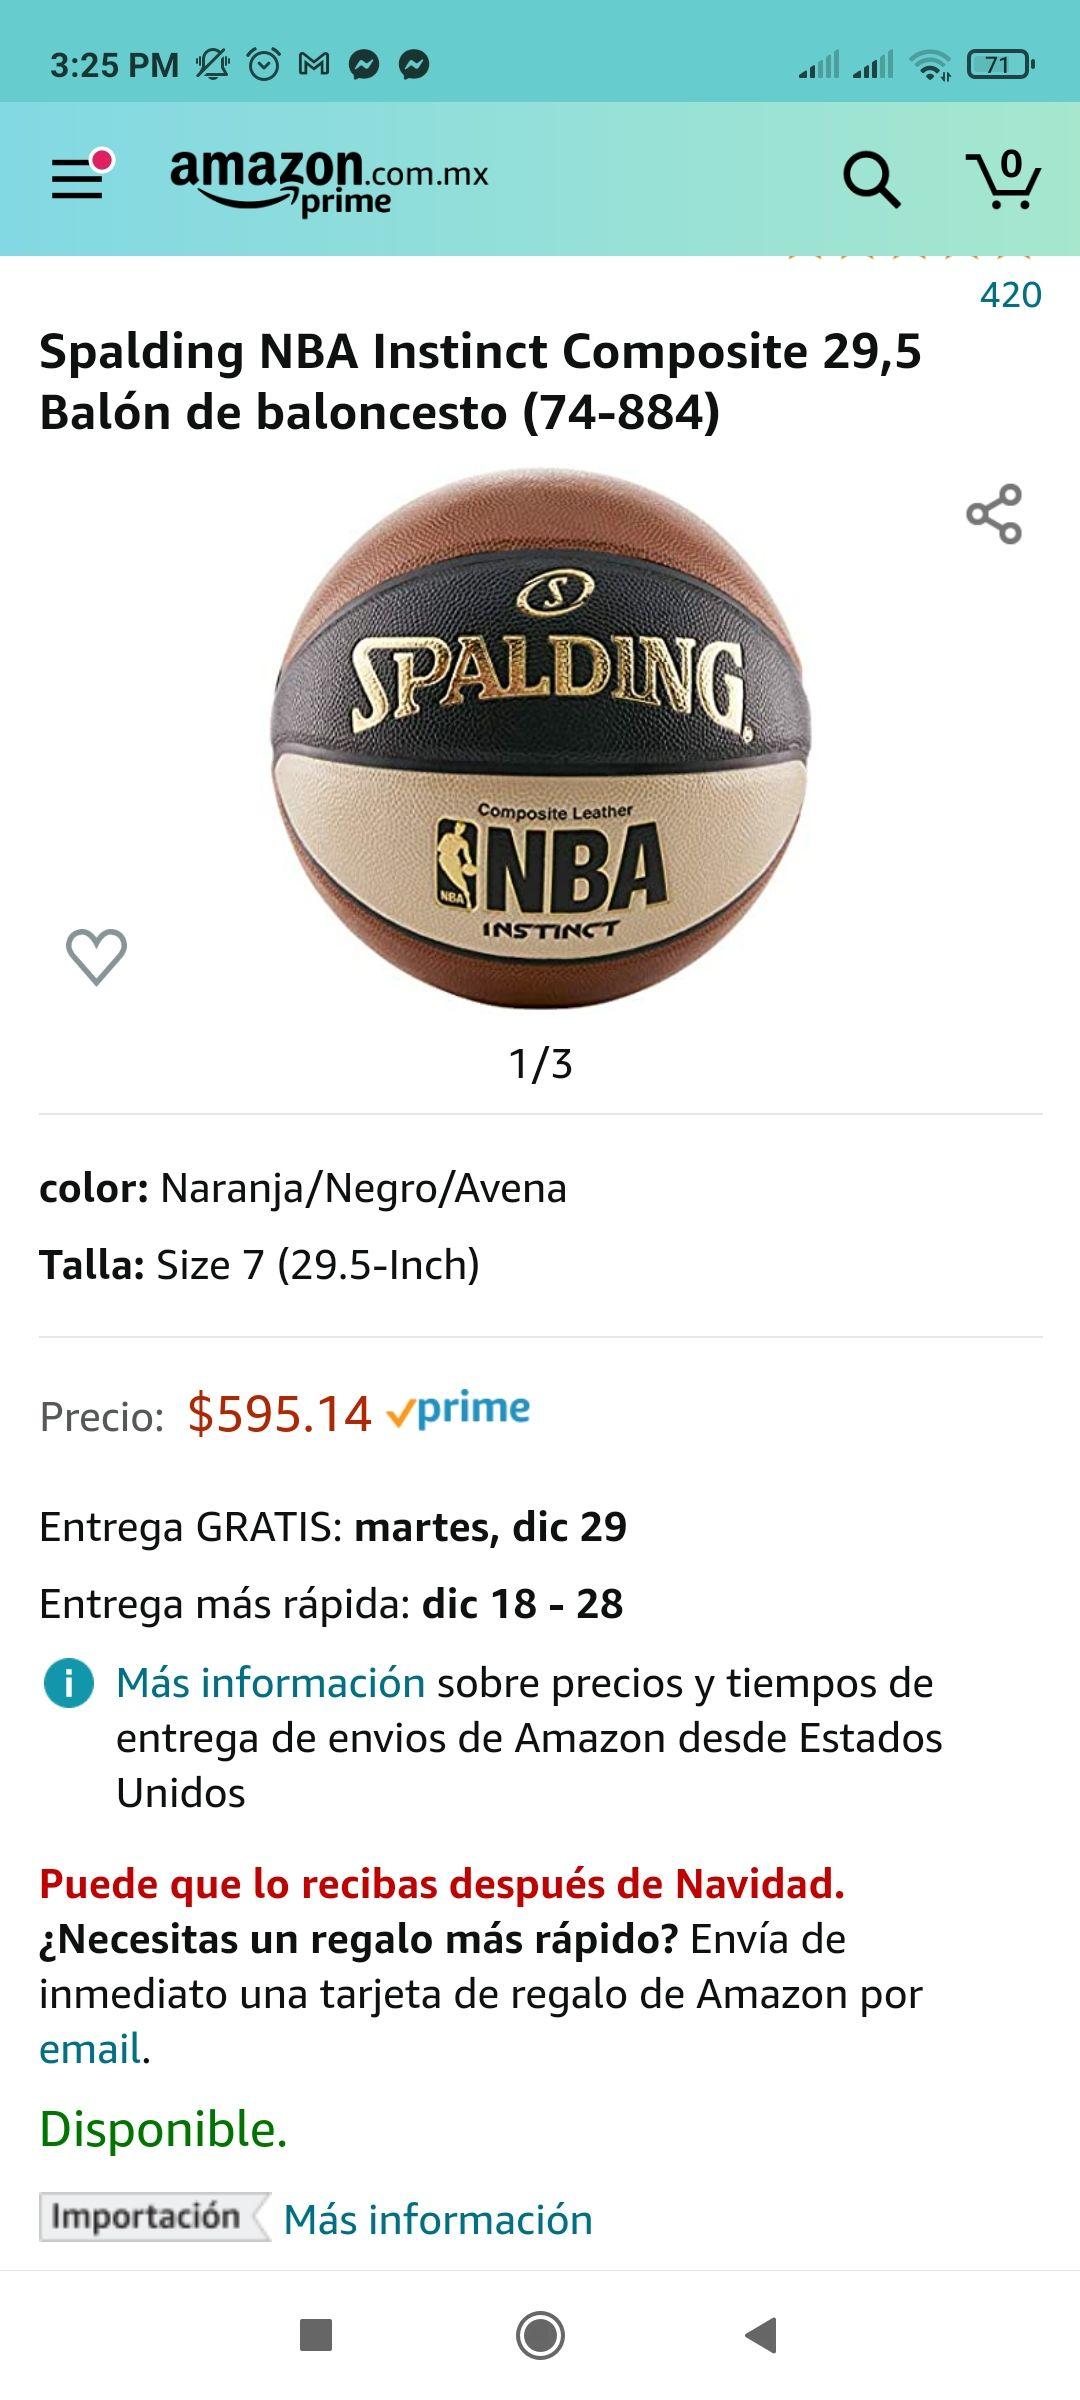 Amazon: Spalding NBA Instinct Composite 29,5 Balón de baloncesto